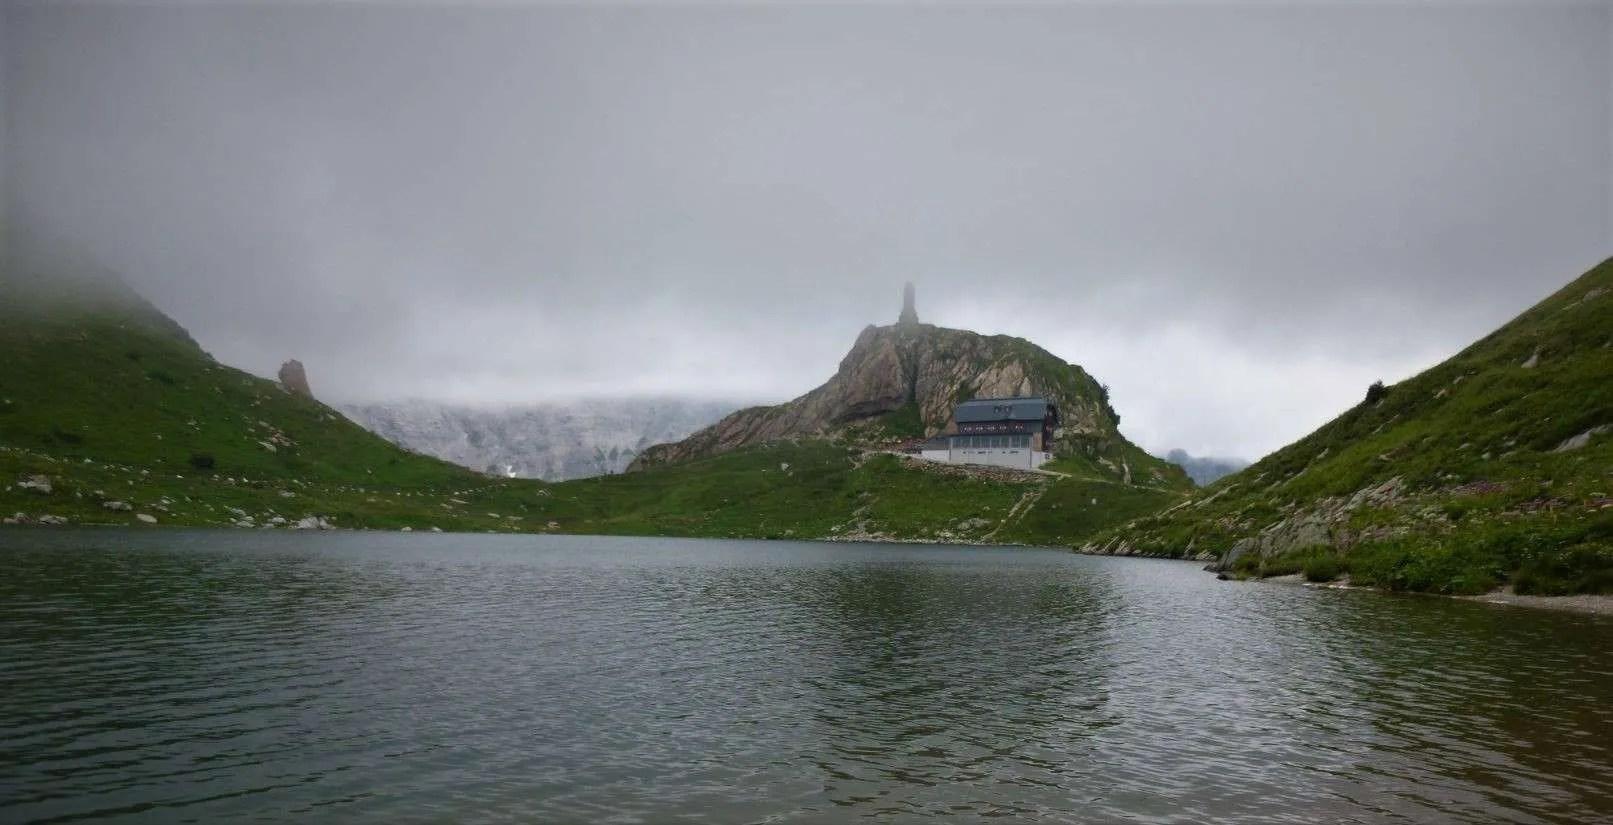 Vacanze in Carnia tra borghi, storia e monti: scopriamo questo angolo di Friuli